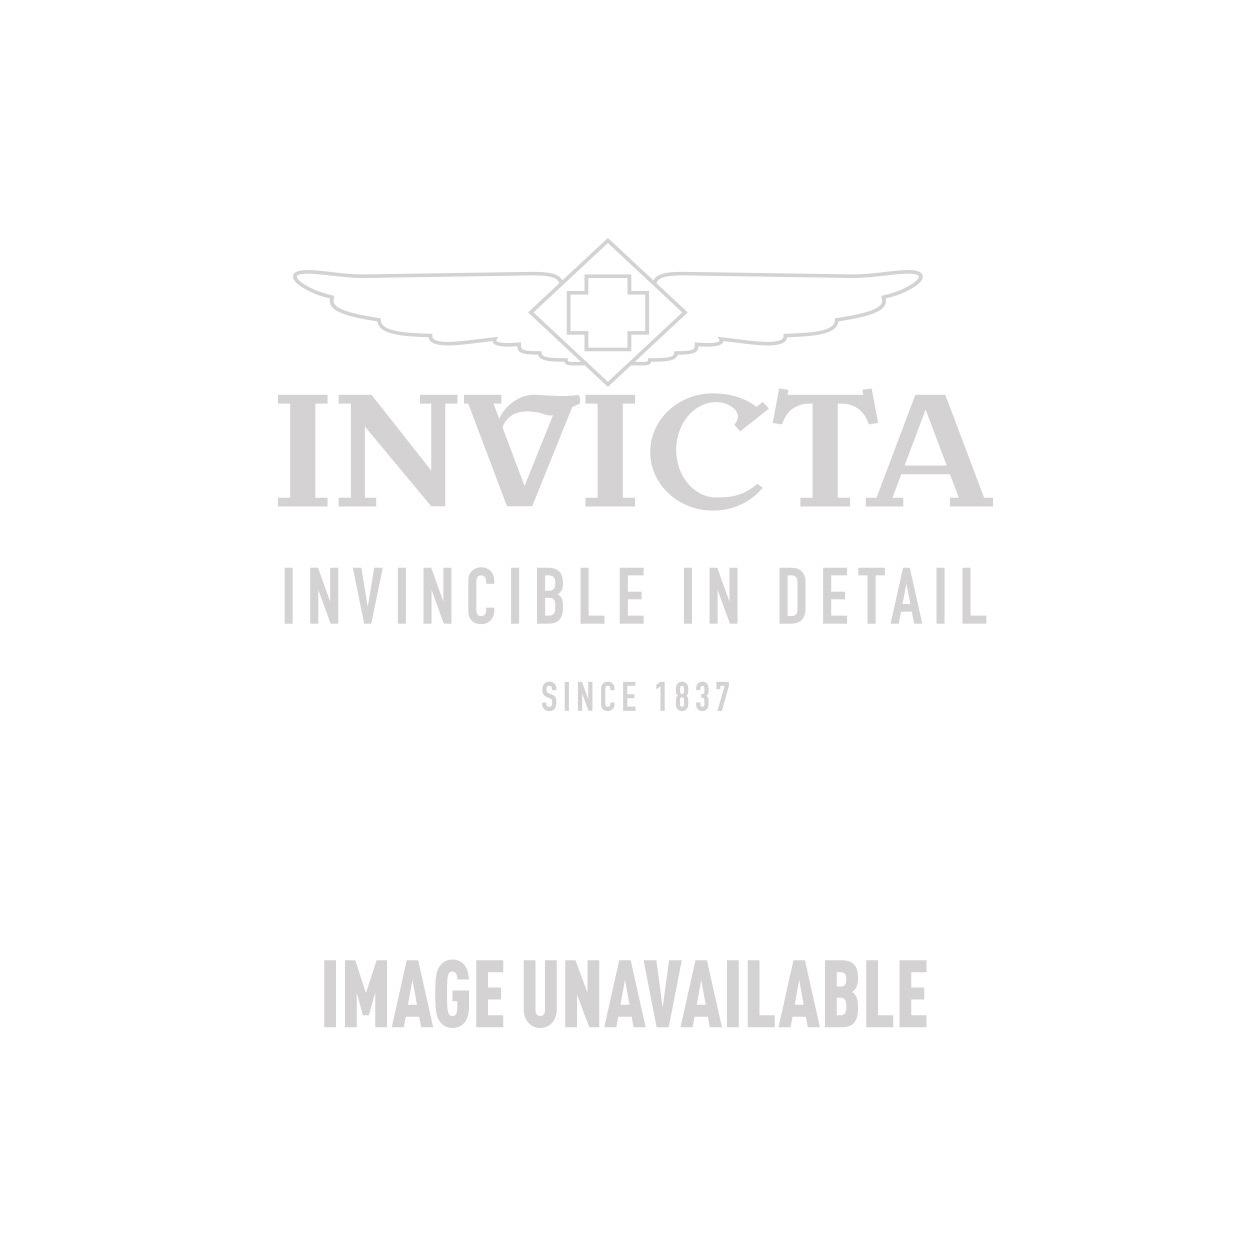 Invicta Model 27687